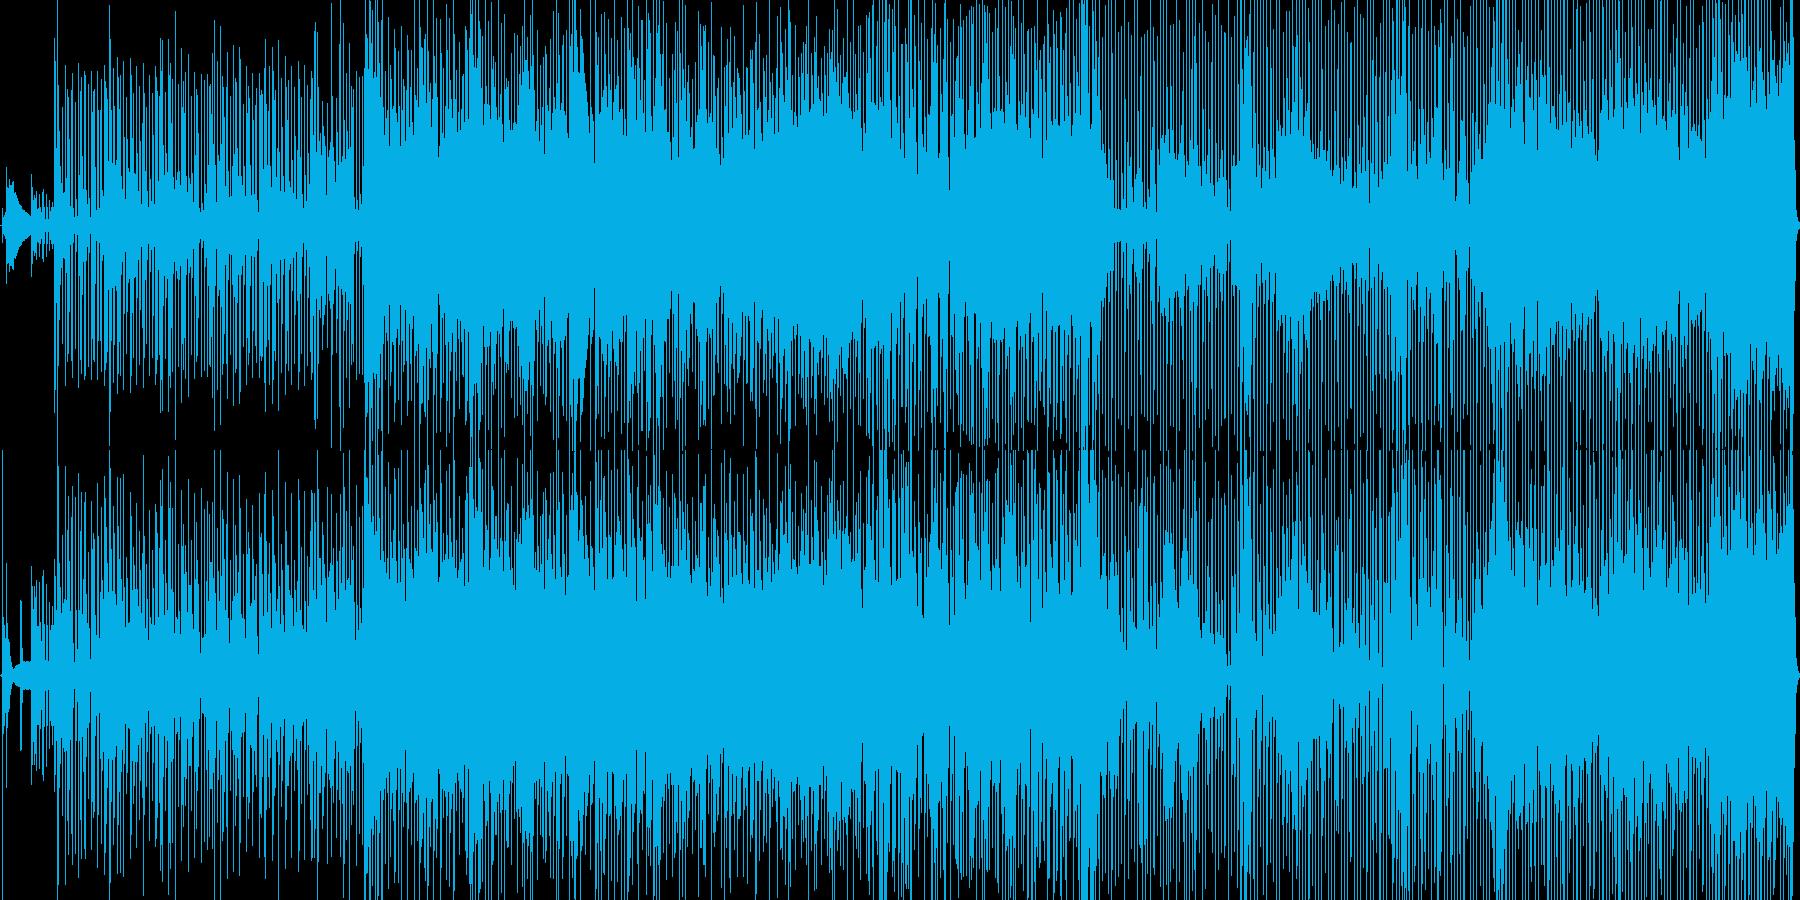 ファンキーなストレートロックンロールの再生済みの波形